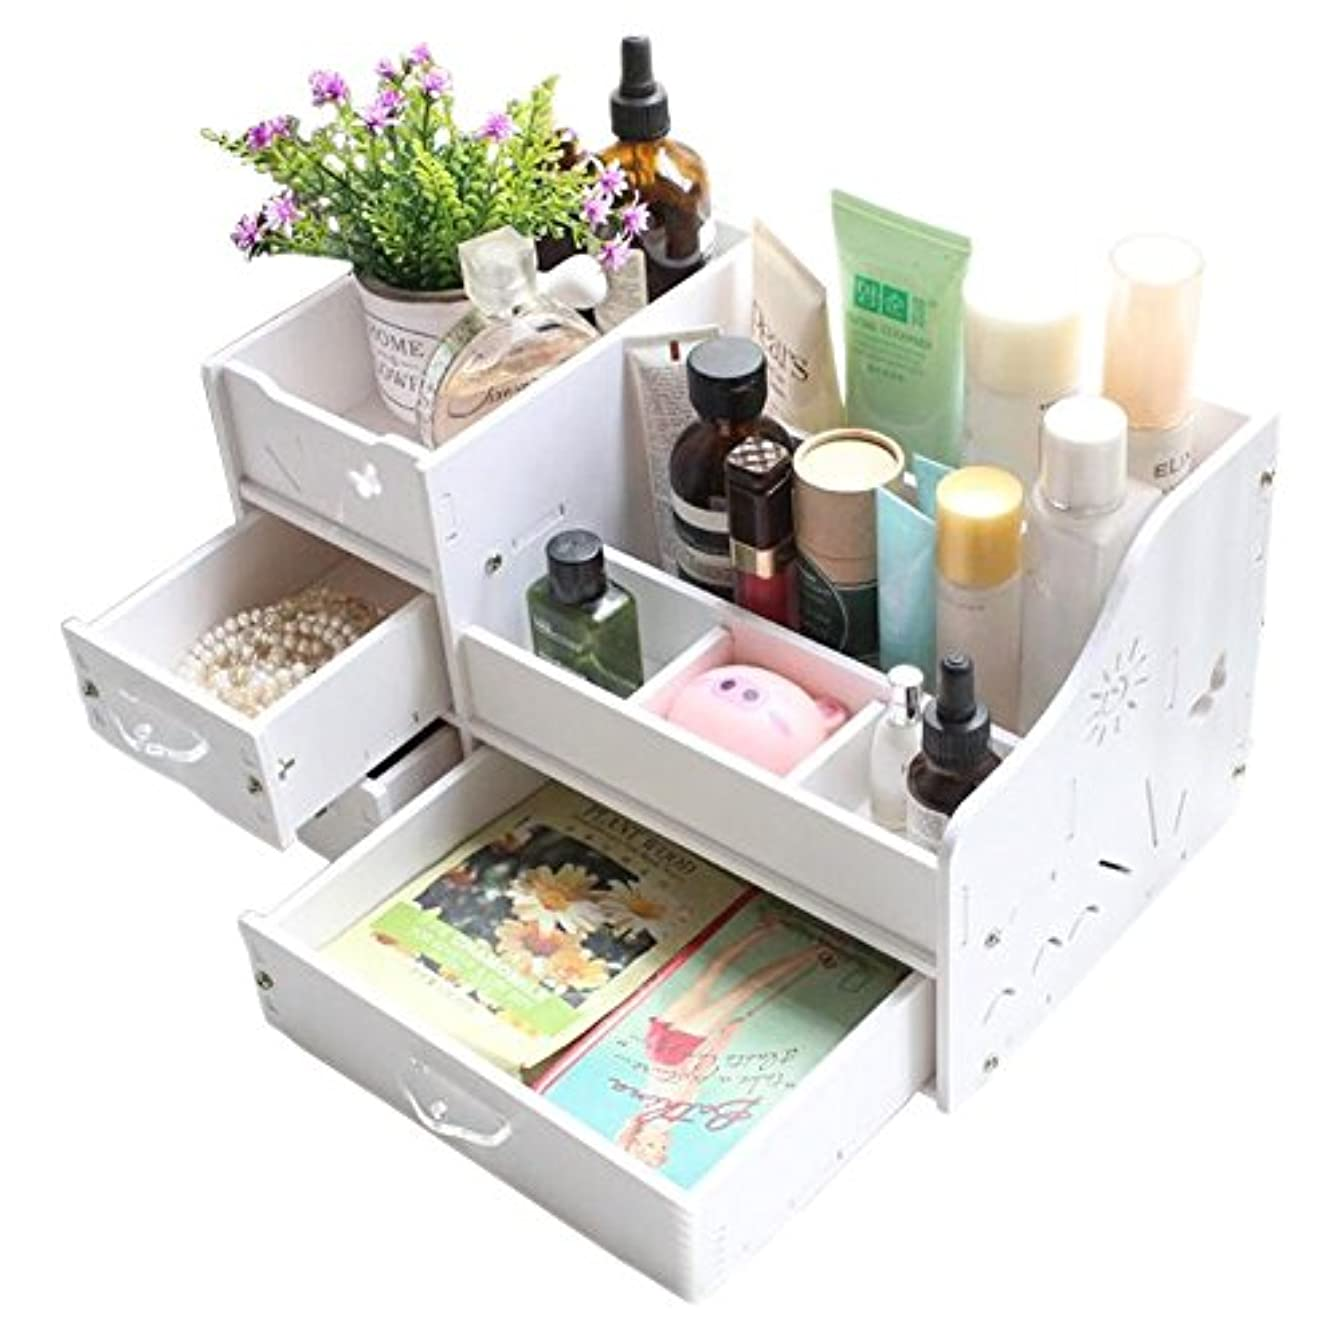 傷つけるクーポンさせるINANA 収納ボックス メイクボックス コスメボックス ジュエリー ボックス アクセサリー ケース 収納 雑貨 小物入れ 化粧道具入れ 化粧品収納 便利 (ホワイト)